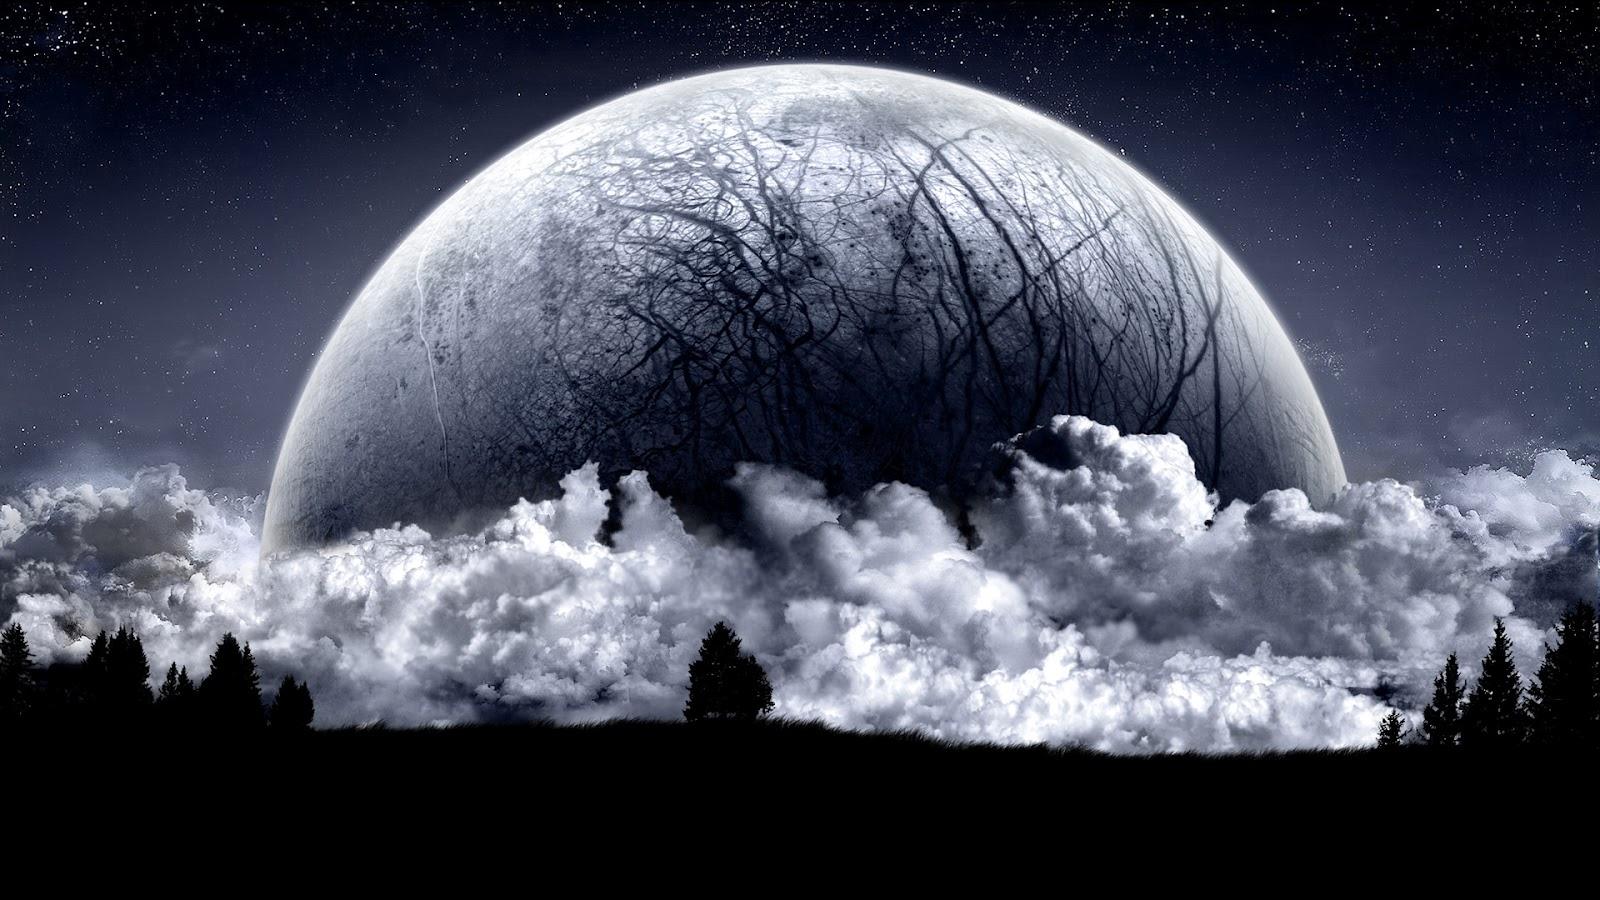 http://3.bp.blogspot.com/-xIvZfXTP0BM/UCY3j5QQFCI/AAAAAAAAMb0/PHJiDIMk7XI/s1600/Moon+wallpapers.jpg